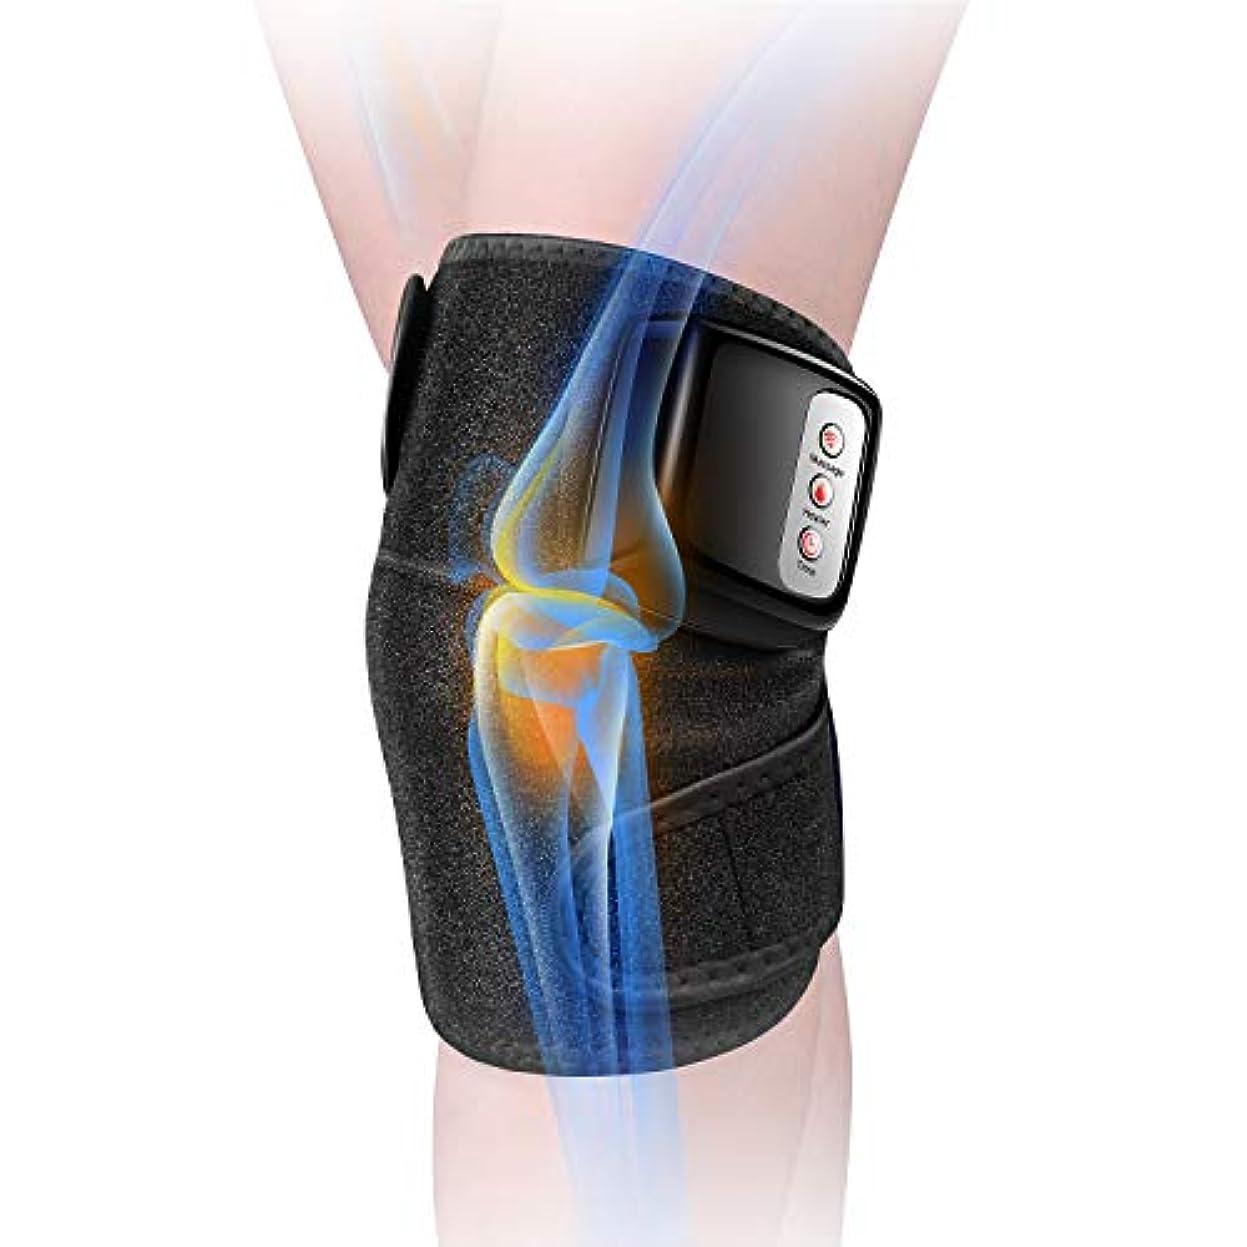 用心深い破壊する相談する膝マッサージャー 関節マッサージャー マッサージ器 フットマッサージャー 振動 赤外線療法 温熱療法 膝サポーター ストレス解消 肩 太もも/腕対応